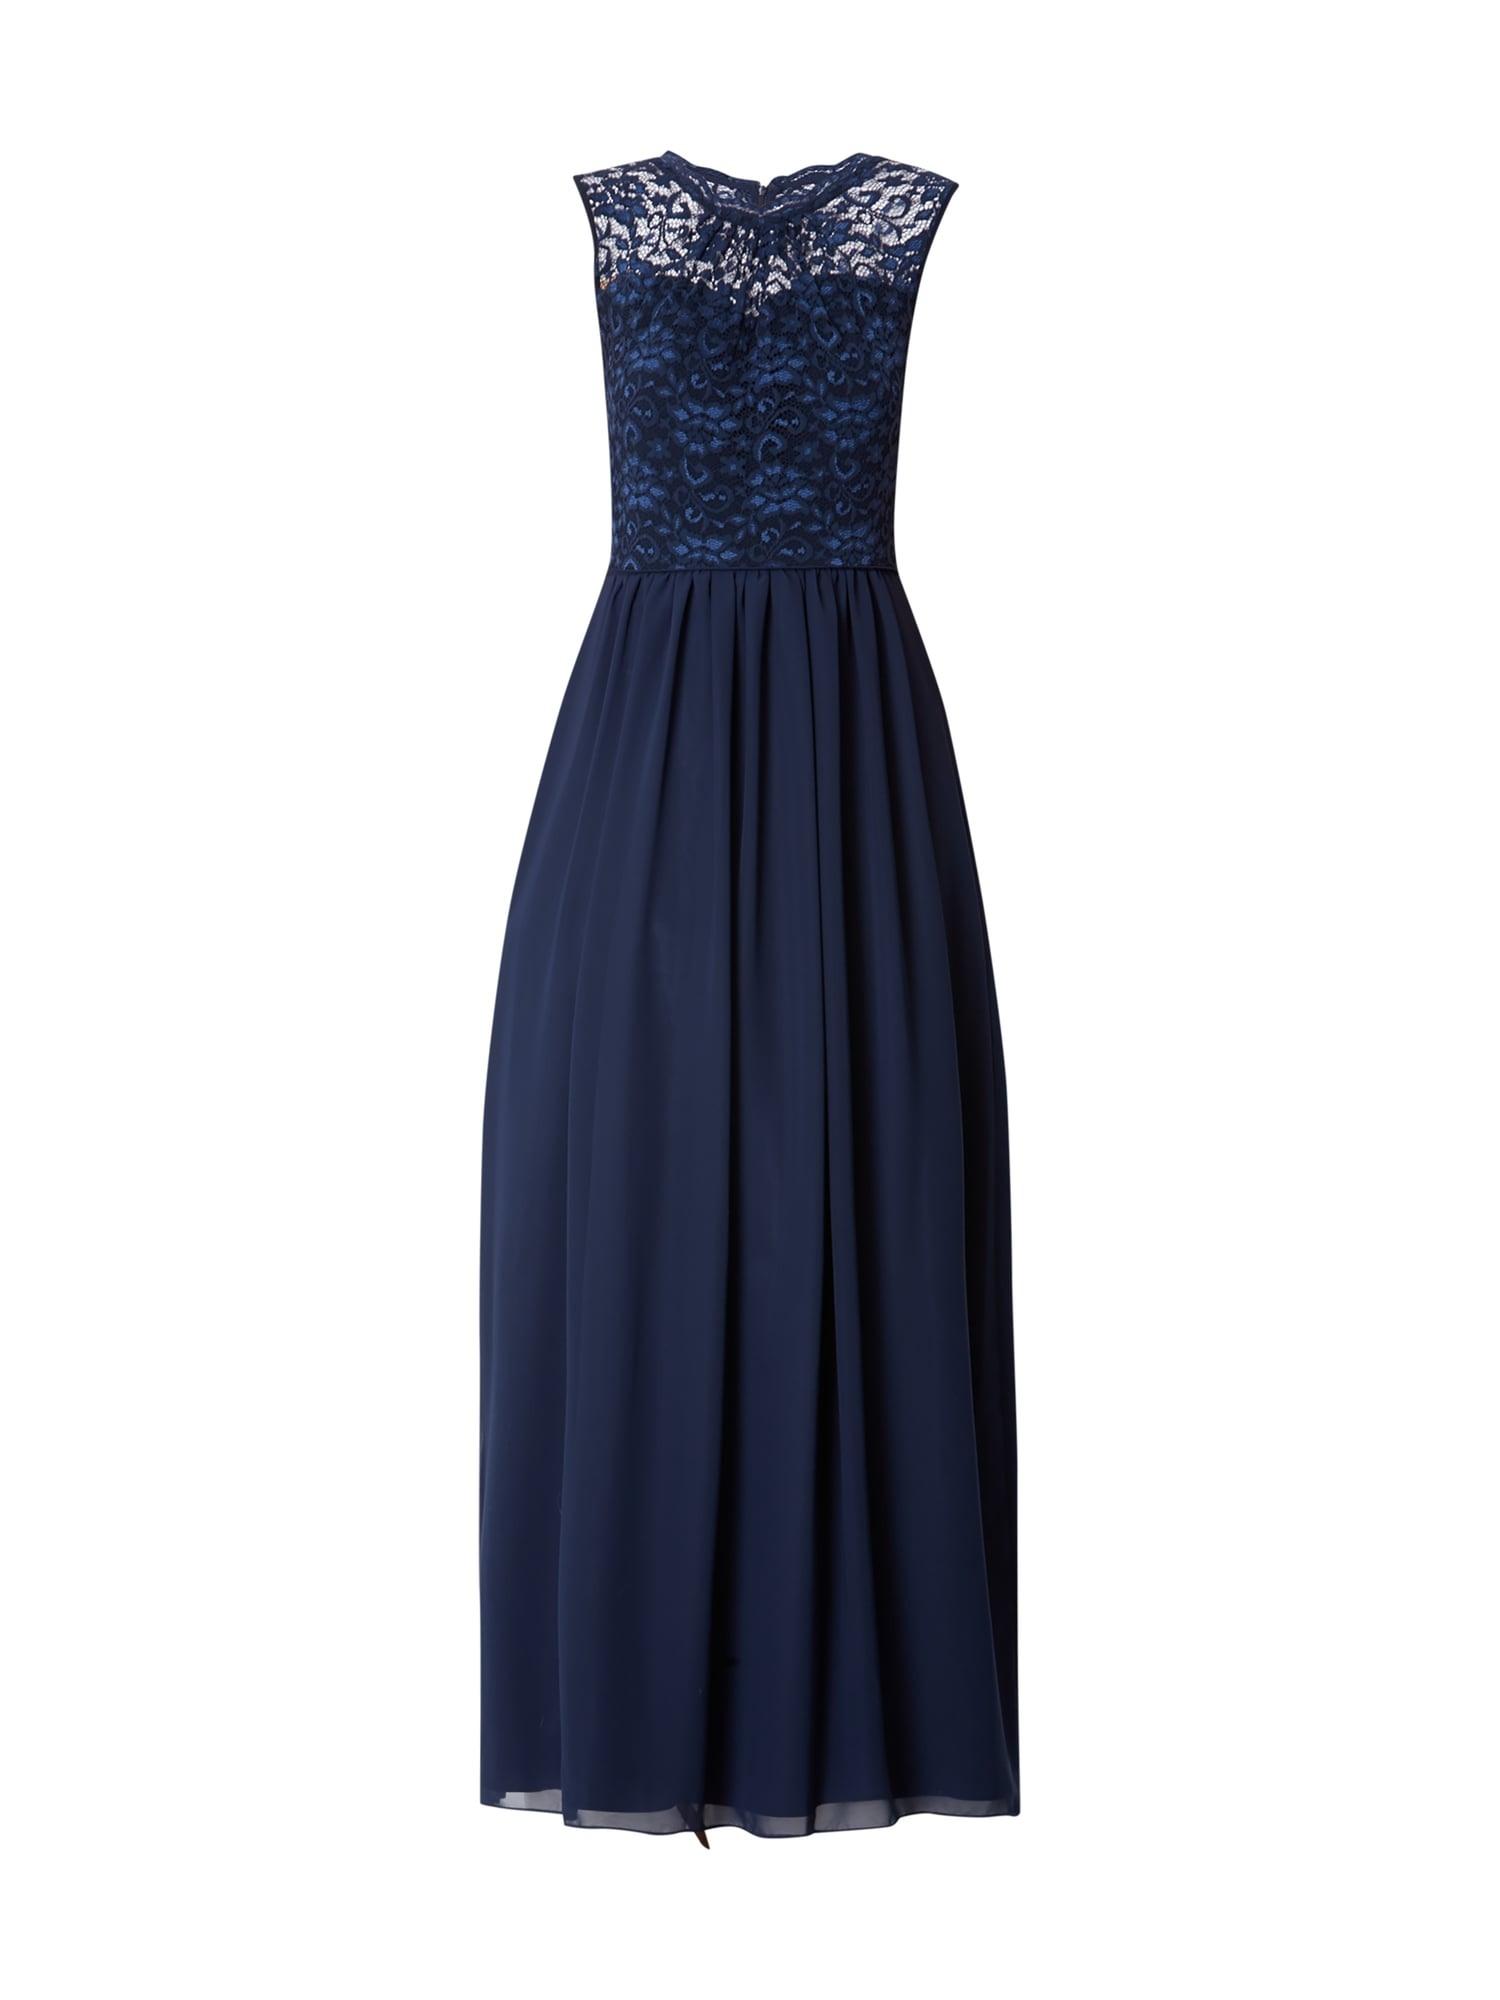 13 Leicht Schlichtes Abendkleid Boutique10 Top Schlichtes Abendkleid Design